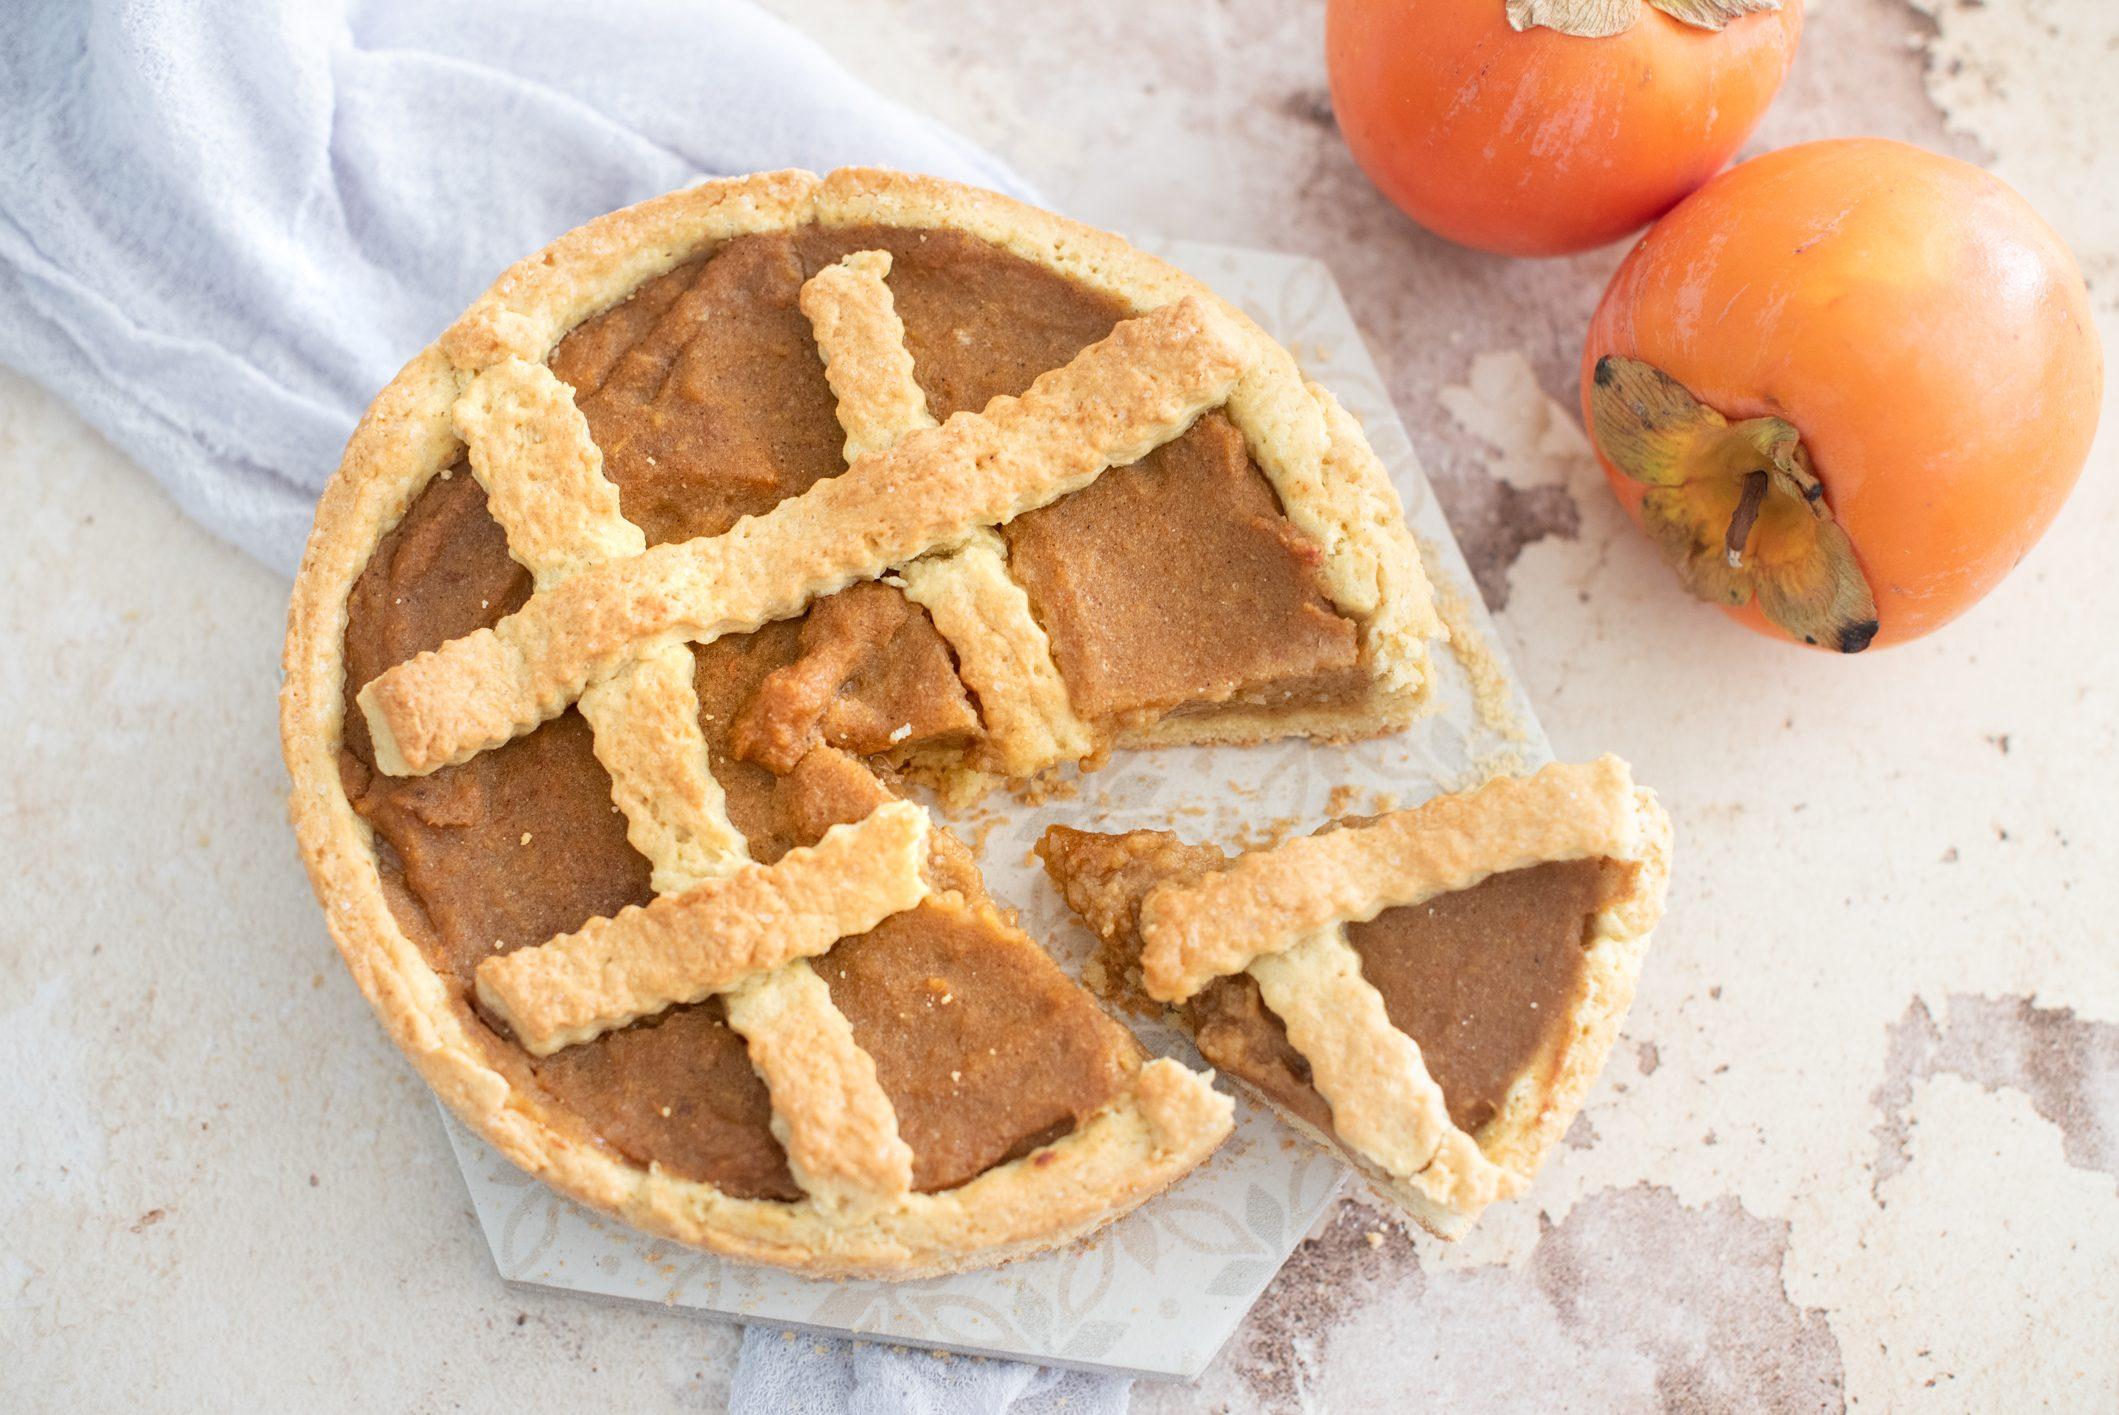 Crostata di cachi: la ricetta del dolce autunnale gustoso e genuino